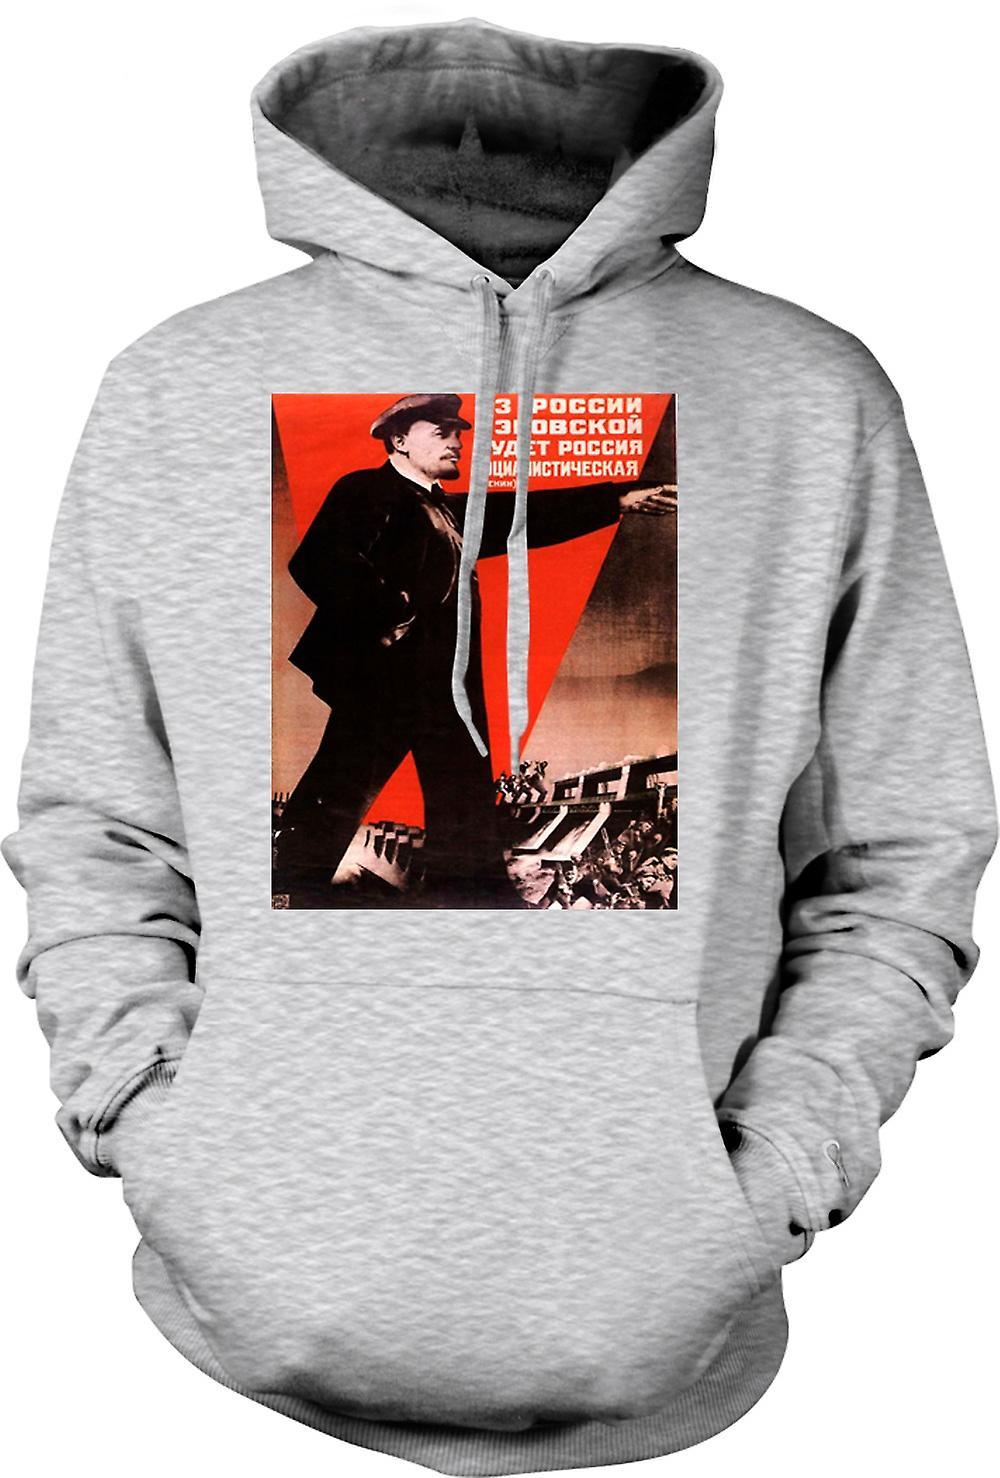 Para hombre con capucha - cartel de Propoganda ruso Lenin